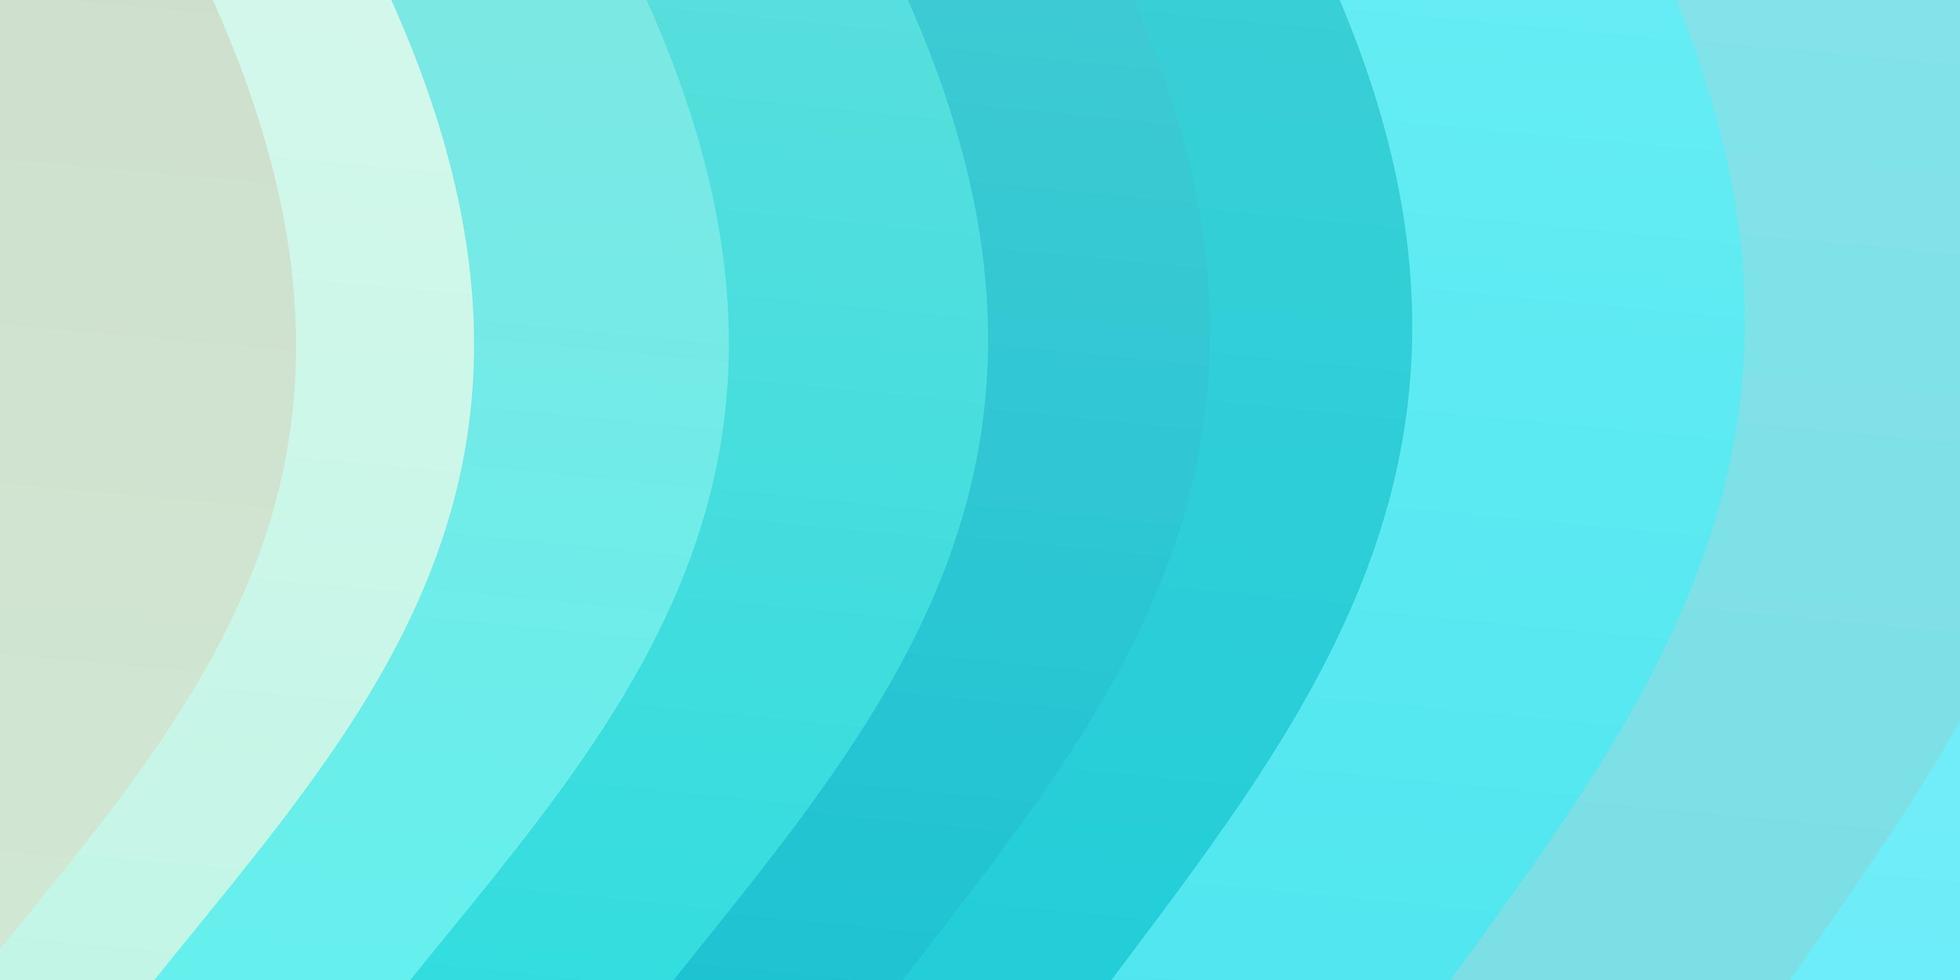 pano de fundo vector azul e verde claro com linhas dobradas.